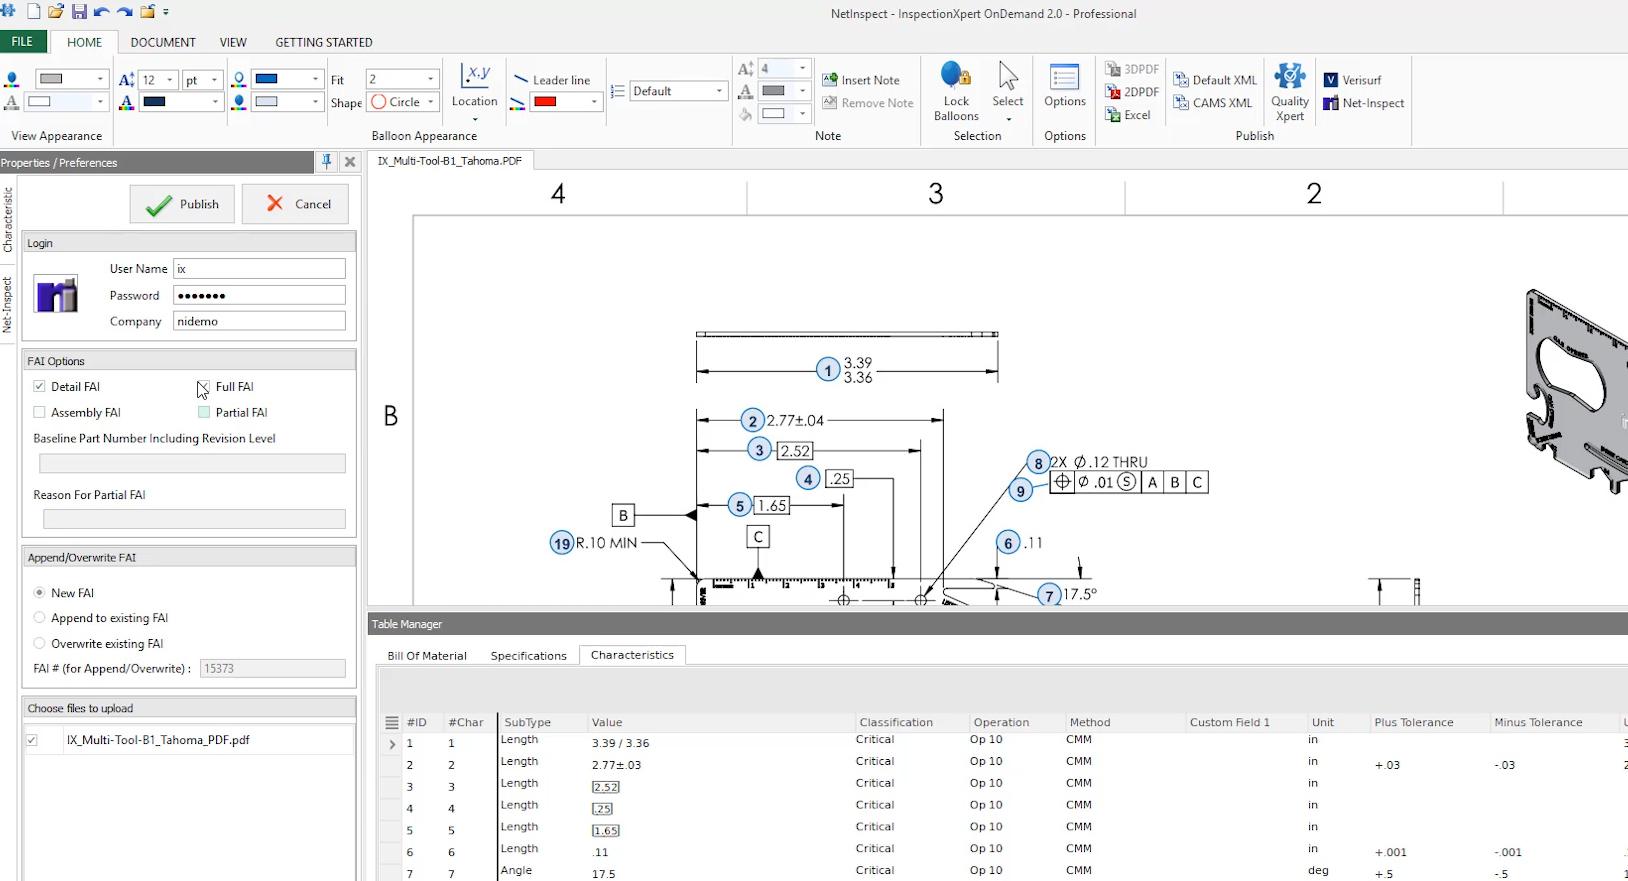 InspectionXpert login to Net-Inspect